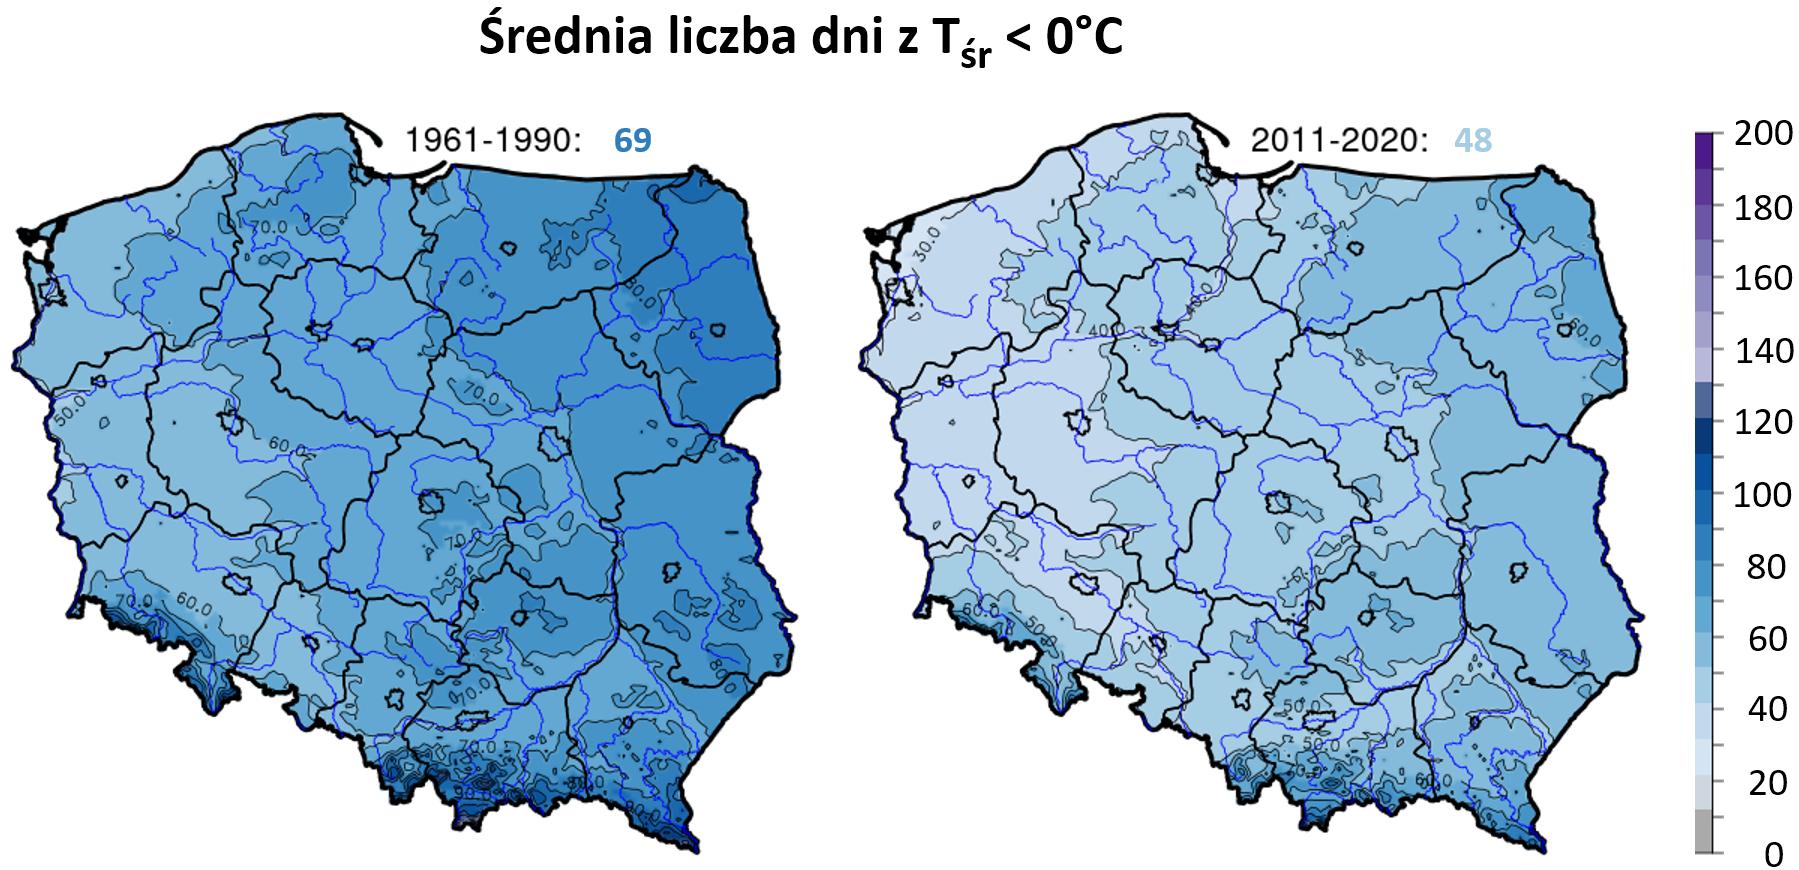 Mapy: liczba dni w roku ze średnią temperaturą dobową <0°C  w Polsce w okresie 1961-1990 i 2011-2020